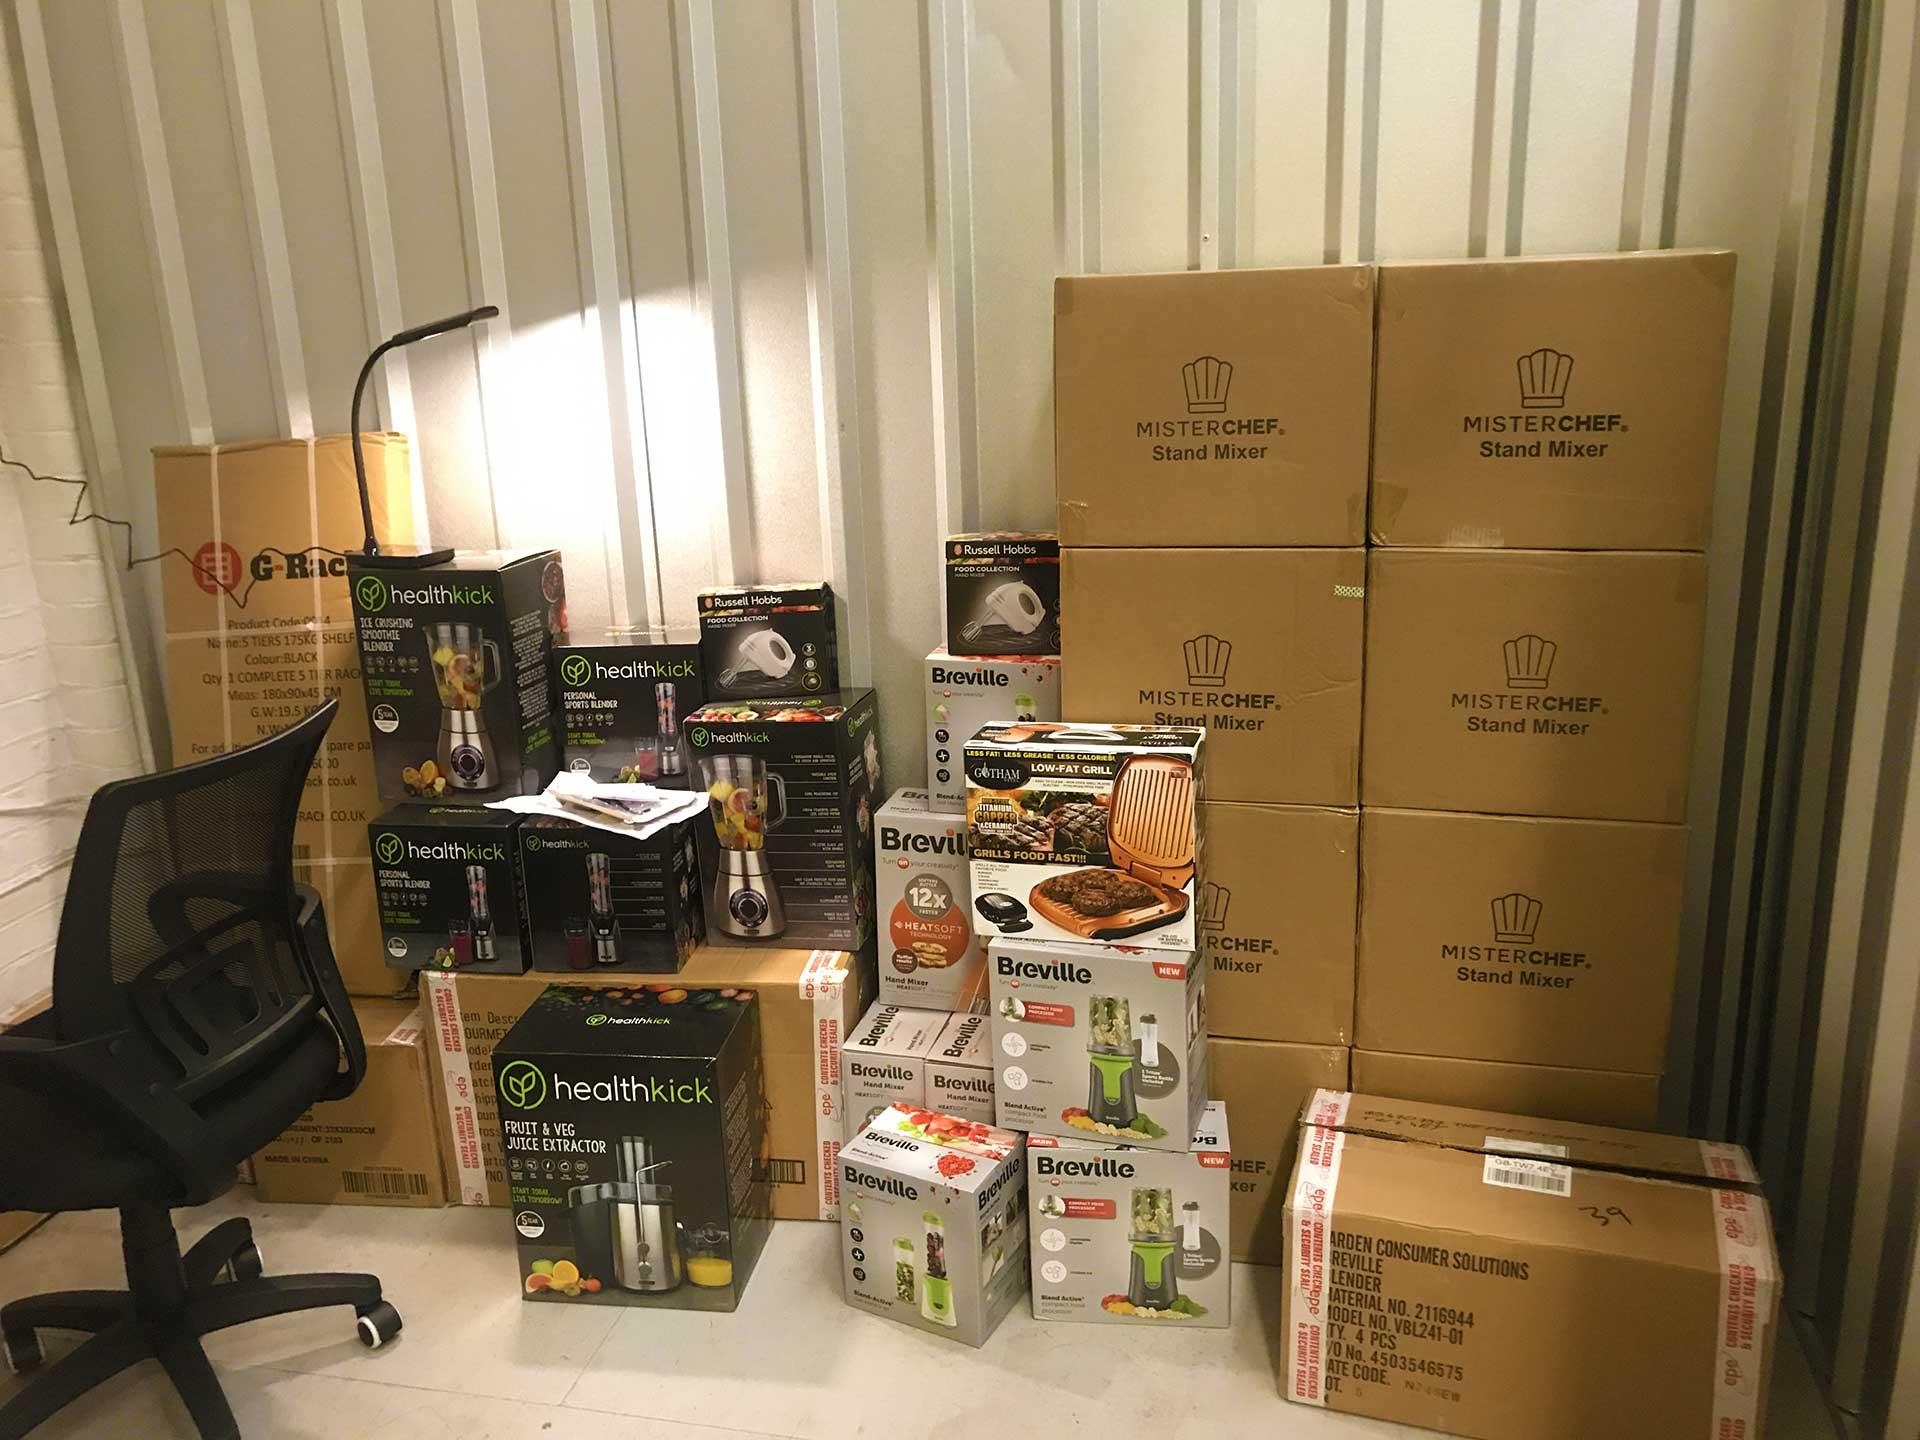 TPCLtd Warehouse Load-In